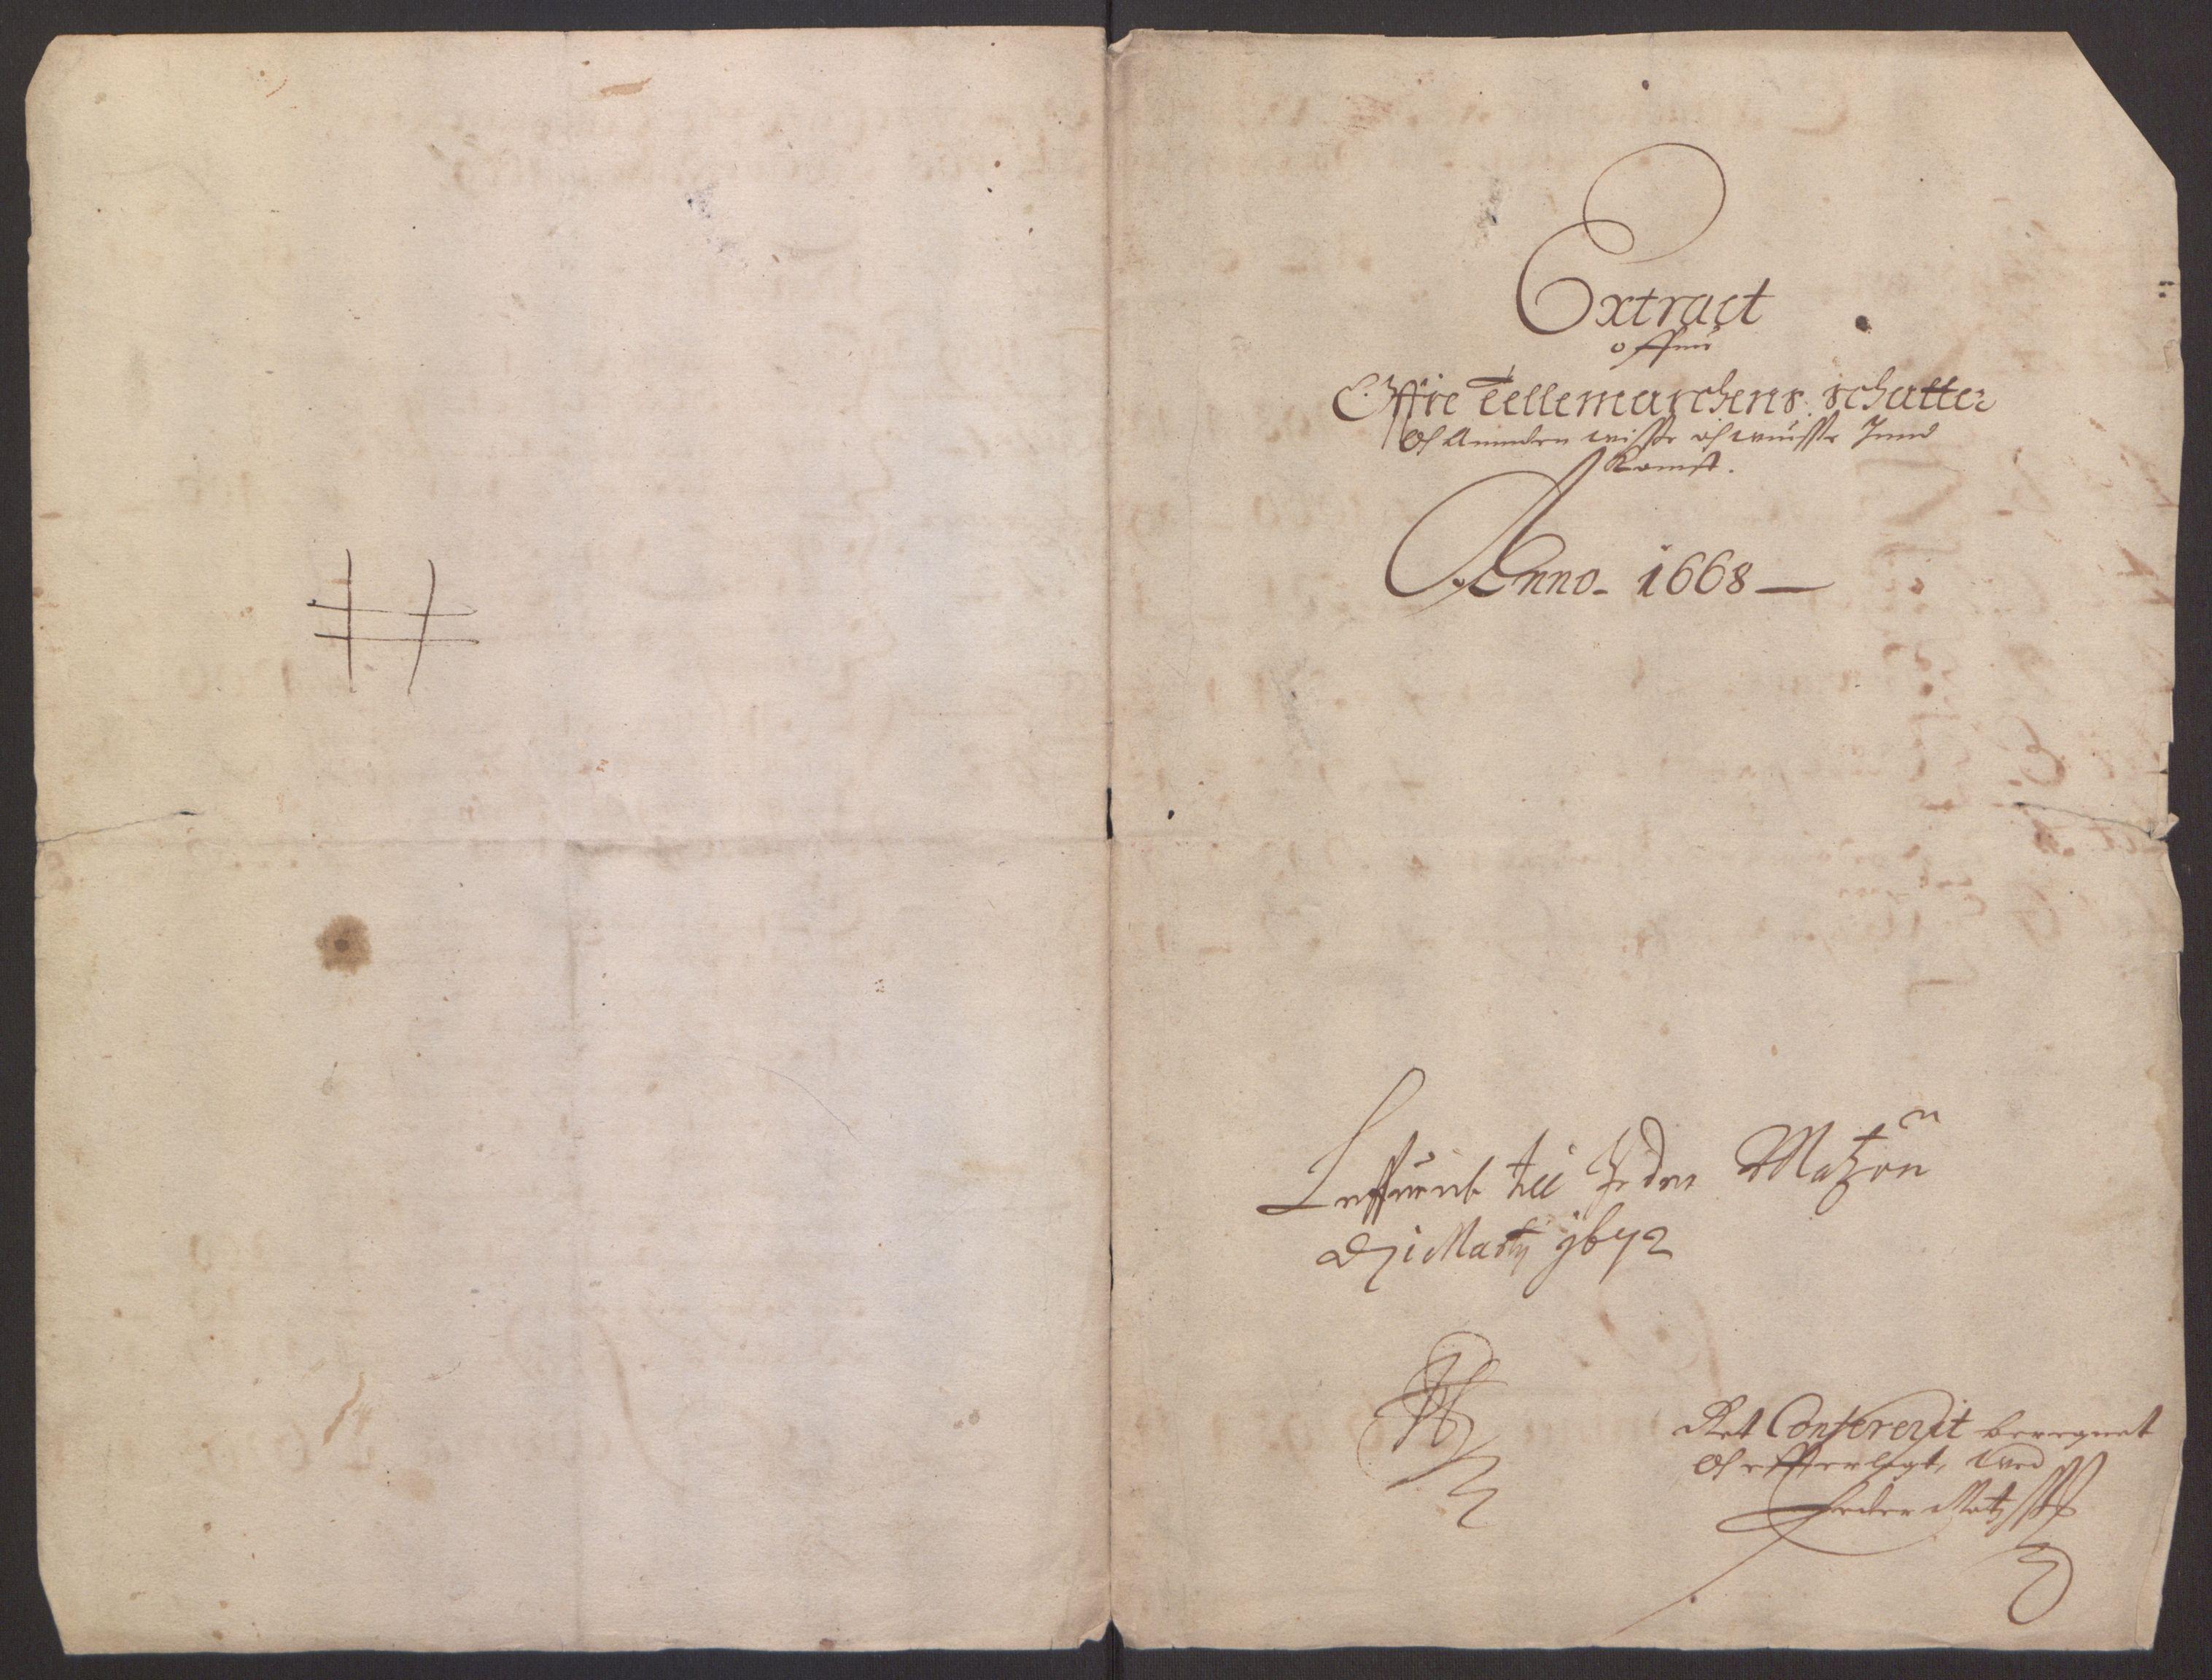 RA, Rentekammeret inntil 1814, Reviderte regnskaper, Fogderegnskap, R35/L2059: Fogderegnskap Øvre og Nedre Telemark, 1668-1670, s. 3